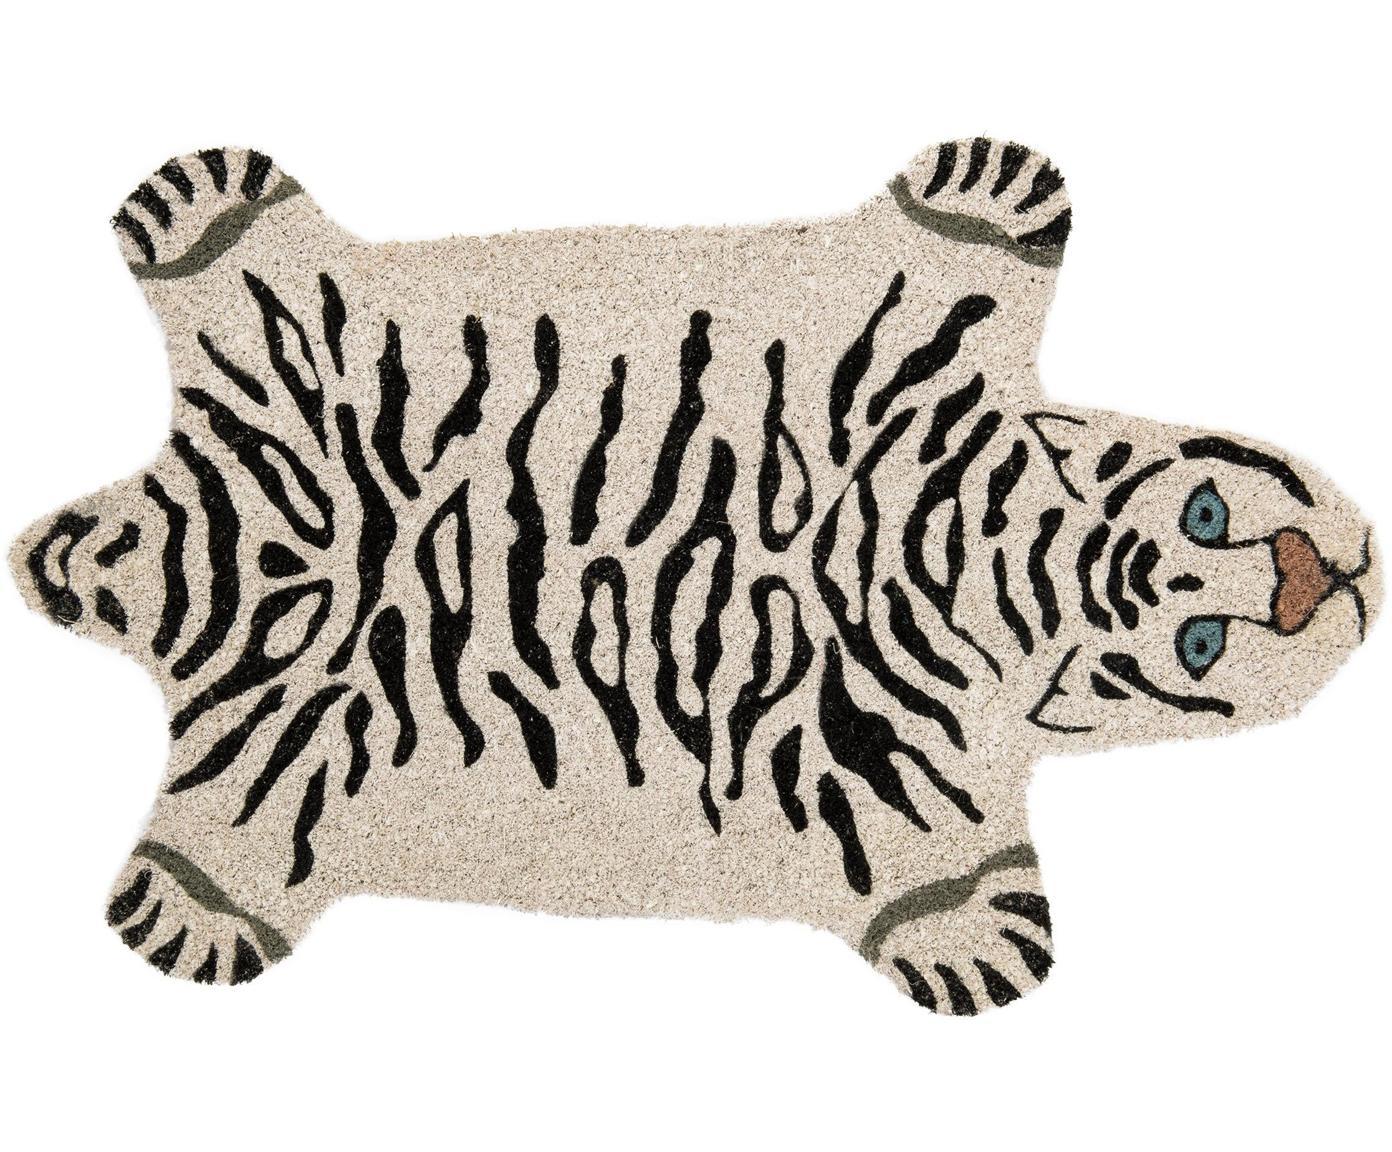 Deurmat White Tiger, Kokosvezels, Gebroken wit, zwart, 45 x 70 cm